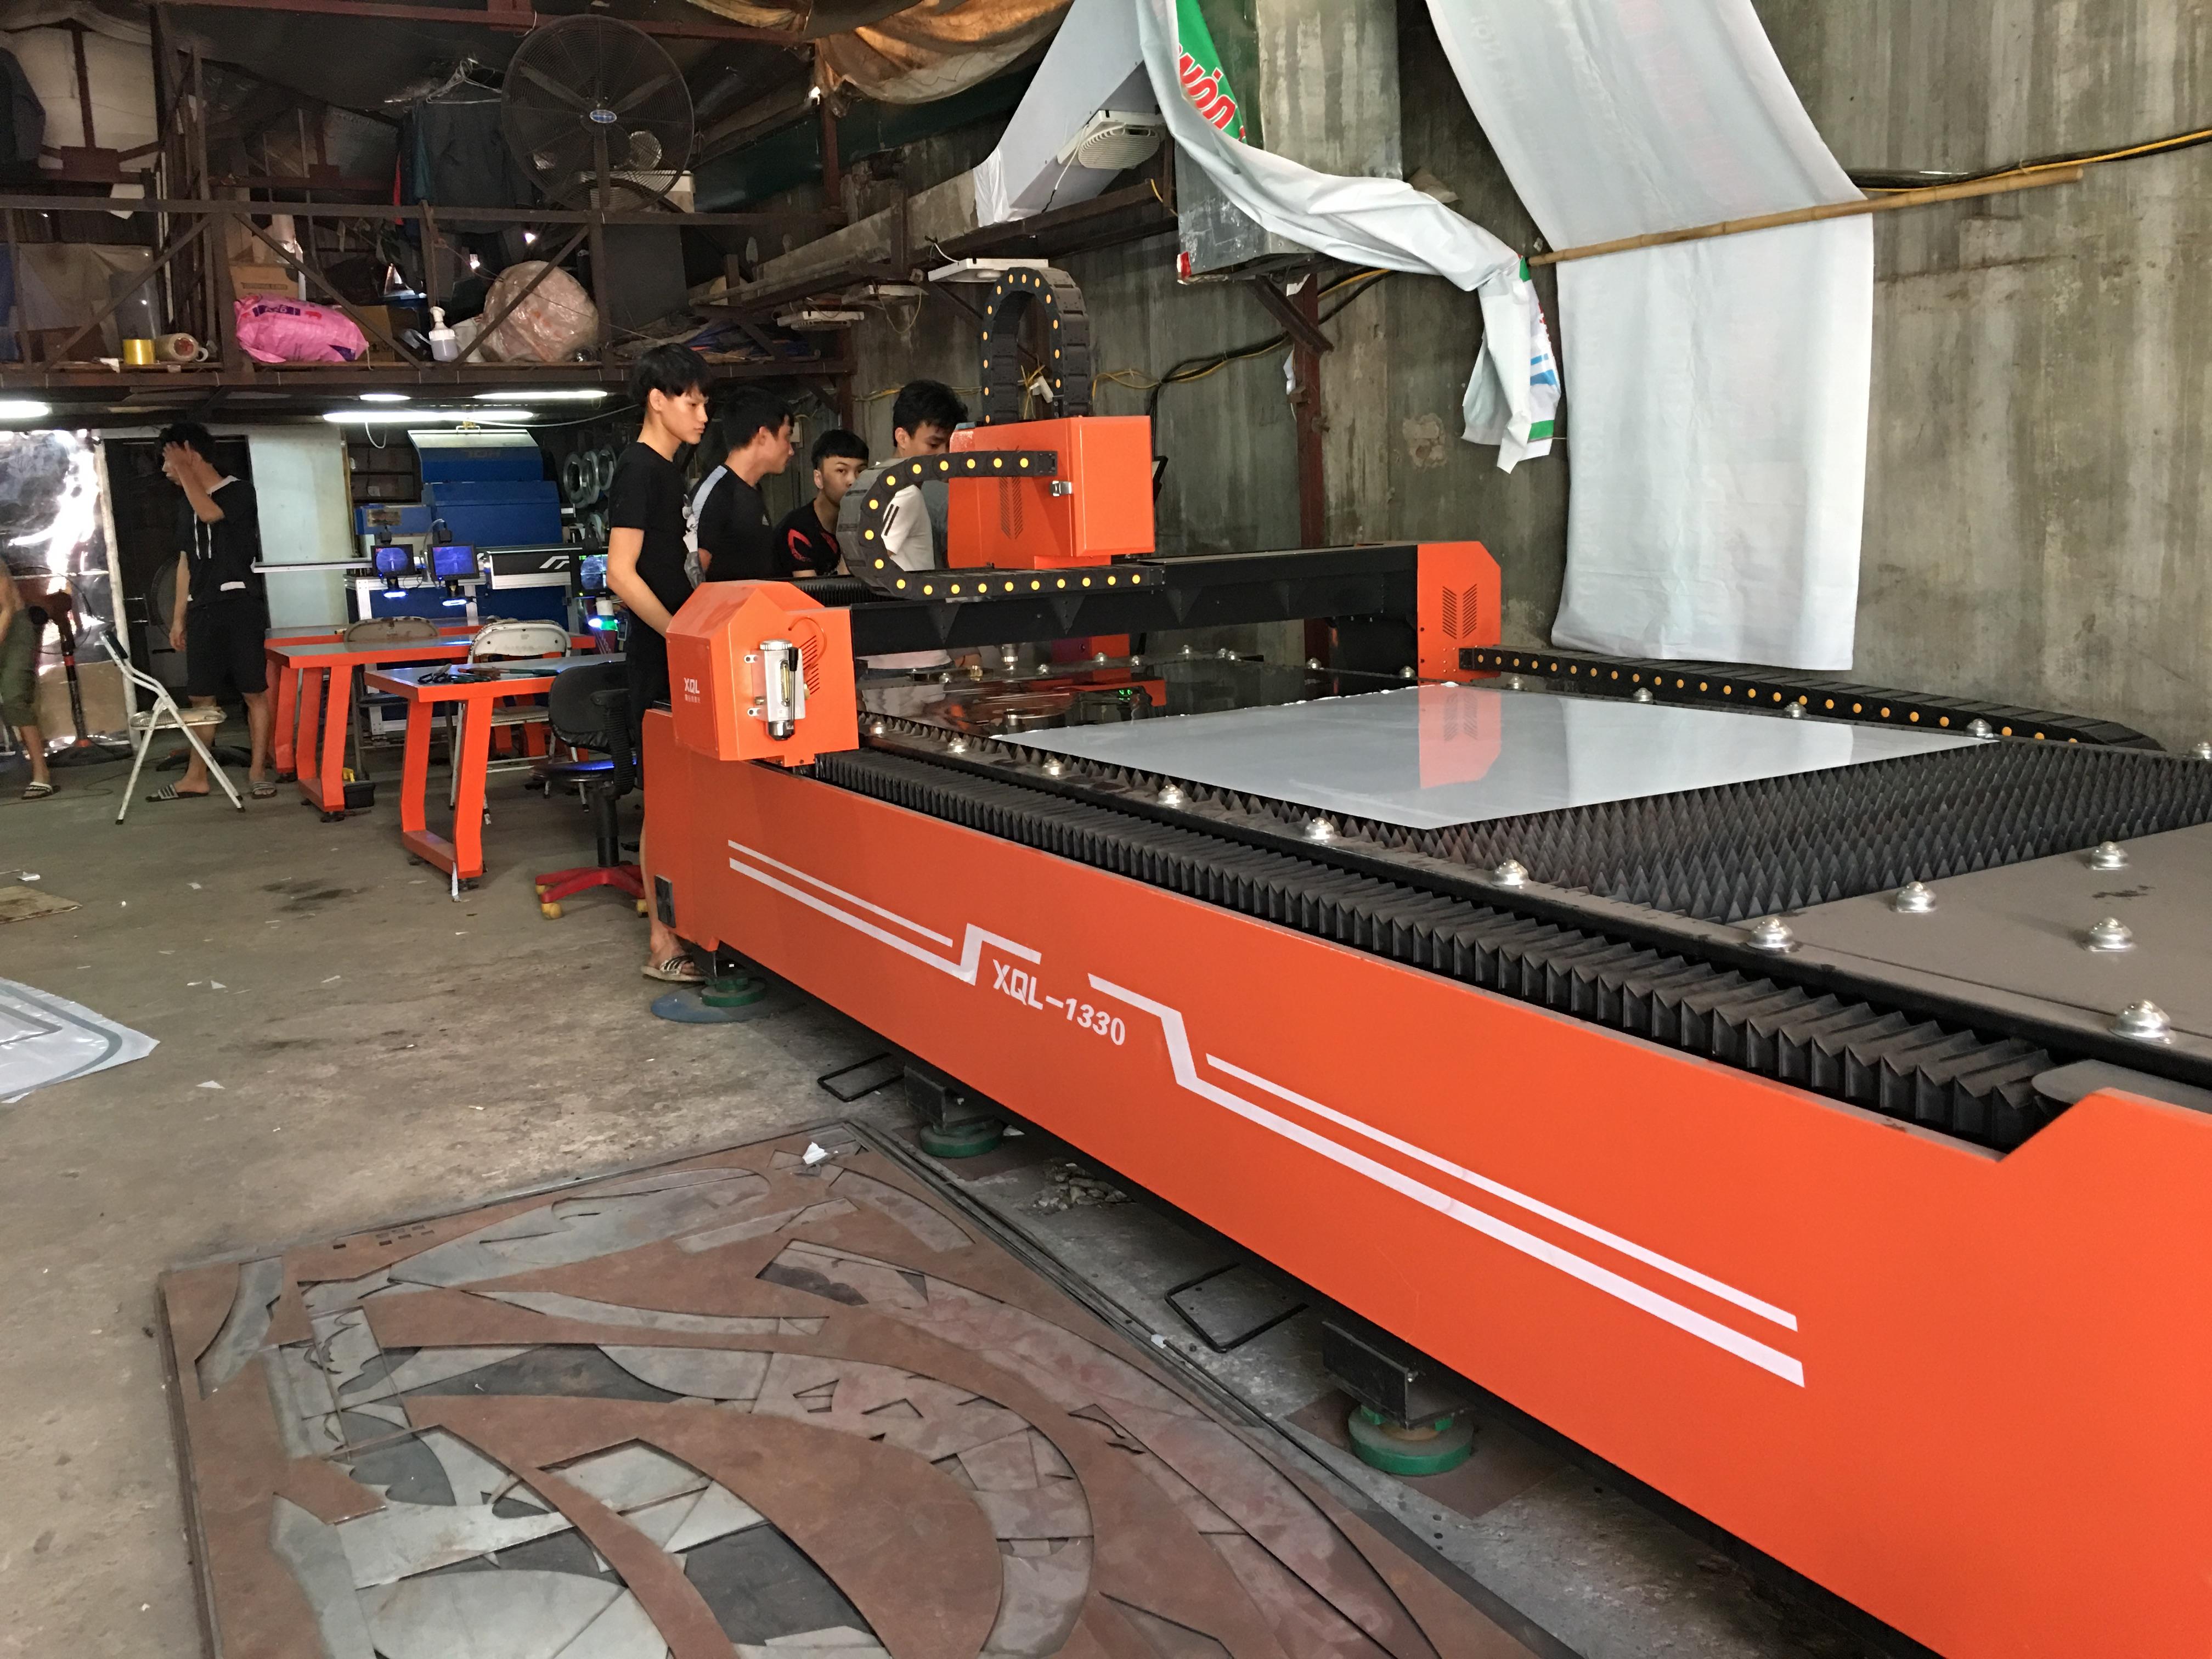 Xưởng cắt chữ inox Thiên Hà giá rẻ, gia công theo yêu cầu nhanh nhất